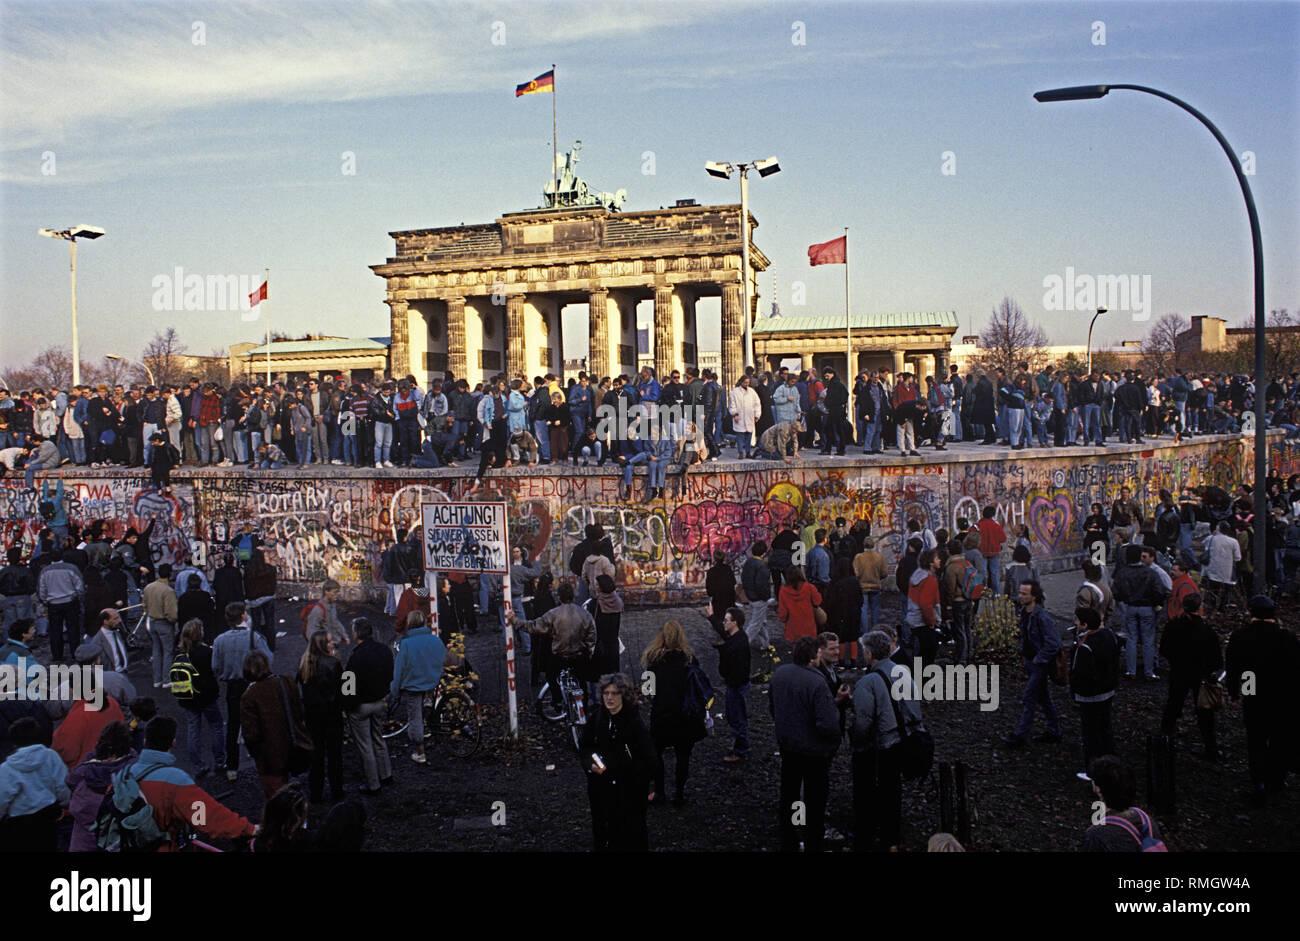 Des milliers de Berlinois de l'Ouest et l'Est de célébrer l'ouverture de la frontière dans la nuit du 9 novembre 1989, sur le mur de Berlin à la porte de Brandebourg. Photo Stock